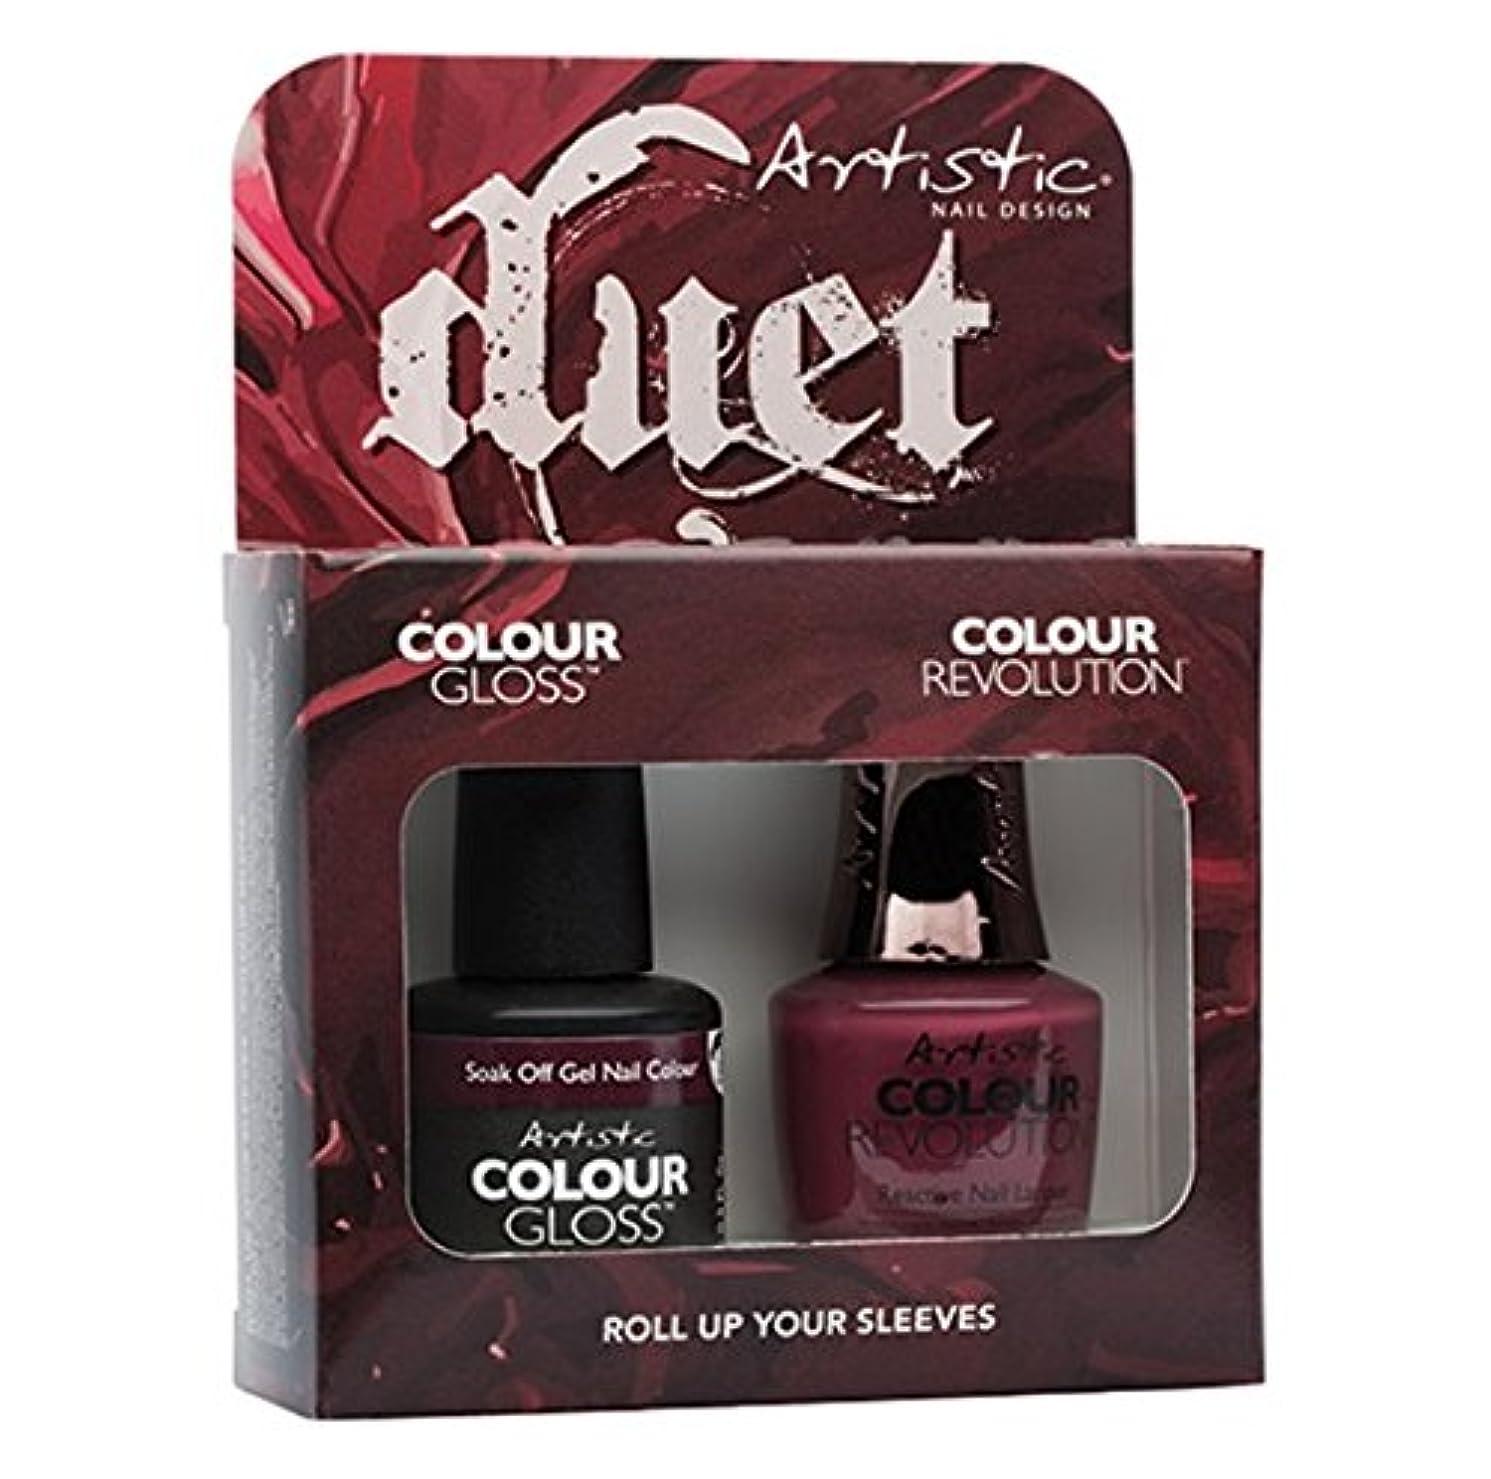 胃聖人つかいます-Artistic Nail Design - Duet Gel & Polish Duo - Roll Up Your Sleeves - 15 mL / 0.5 oz